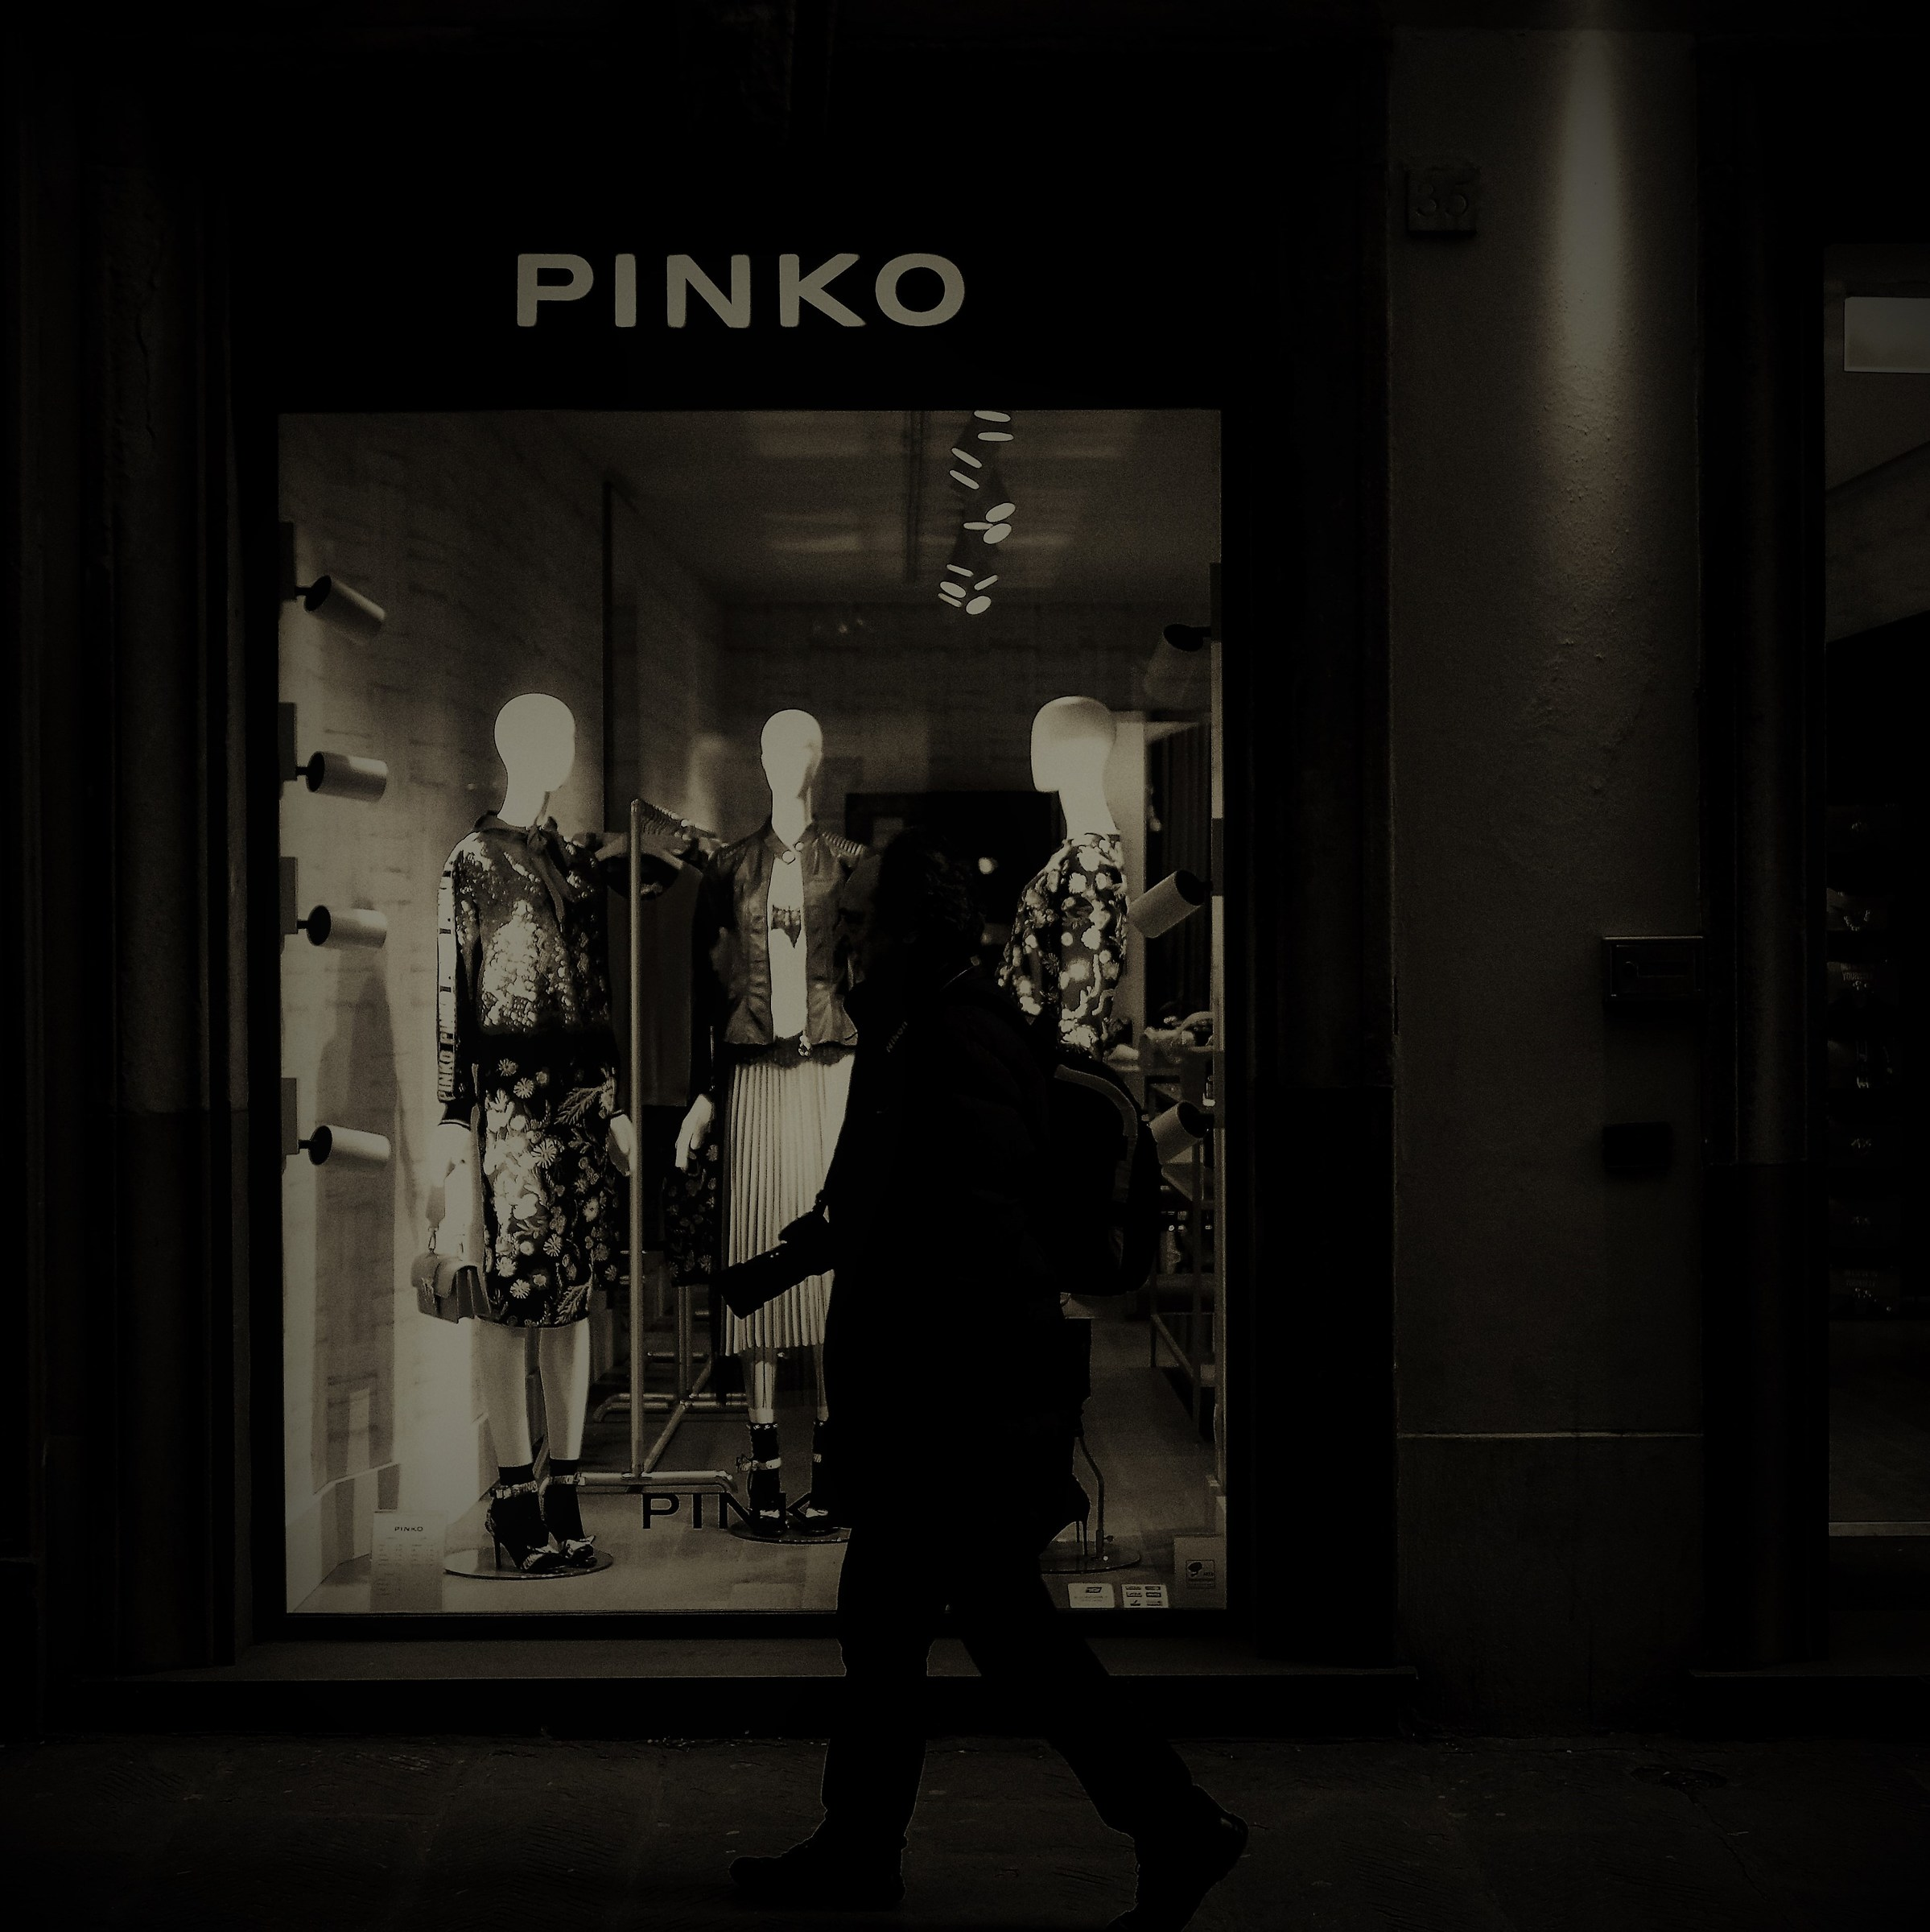 Mr pinko...